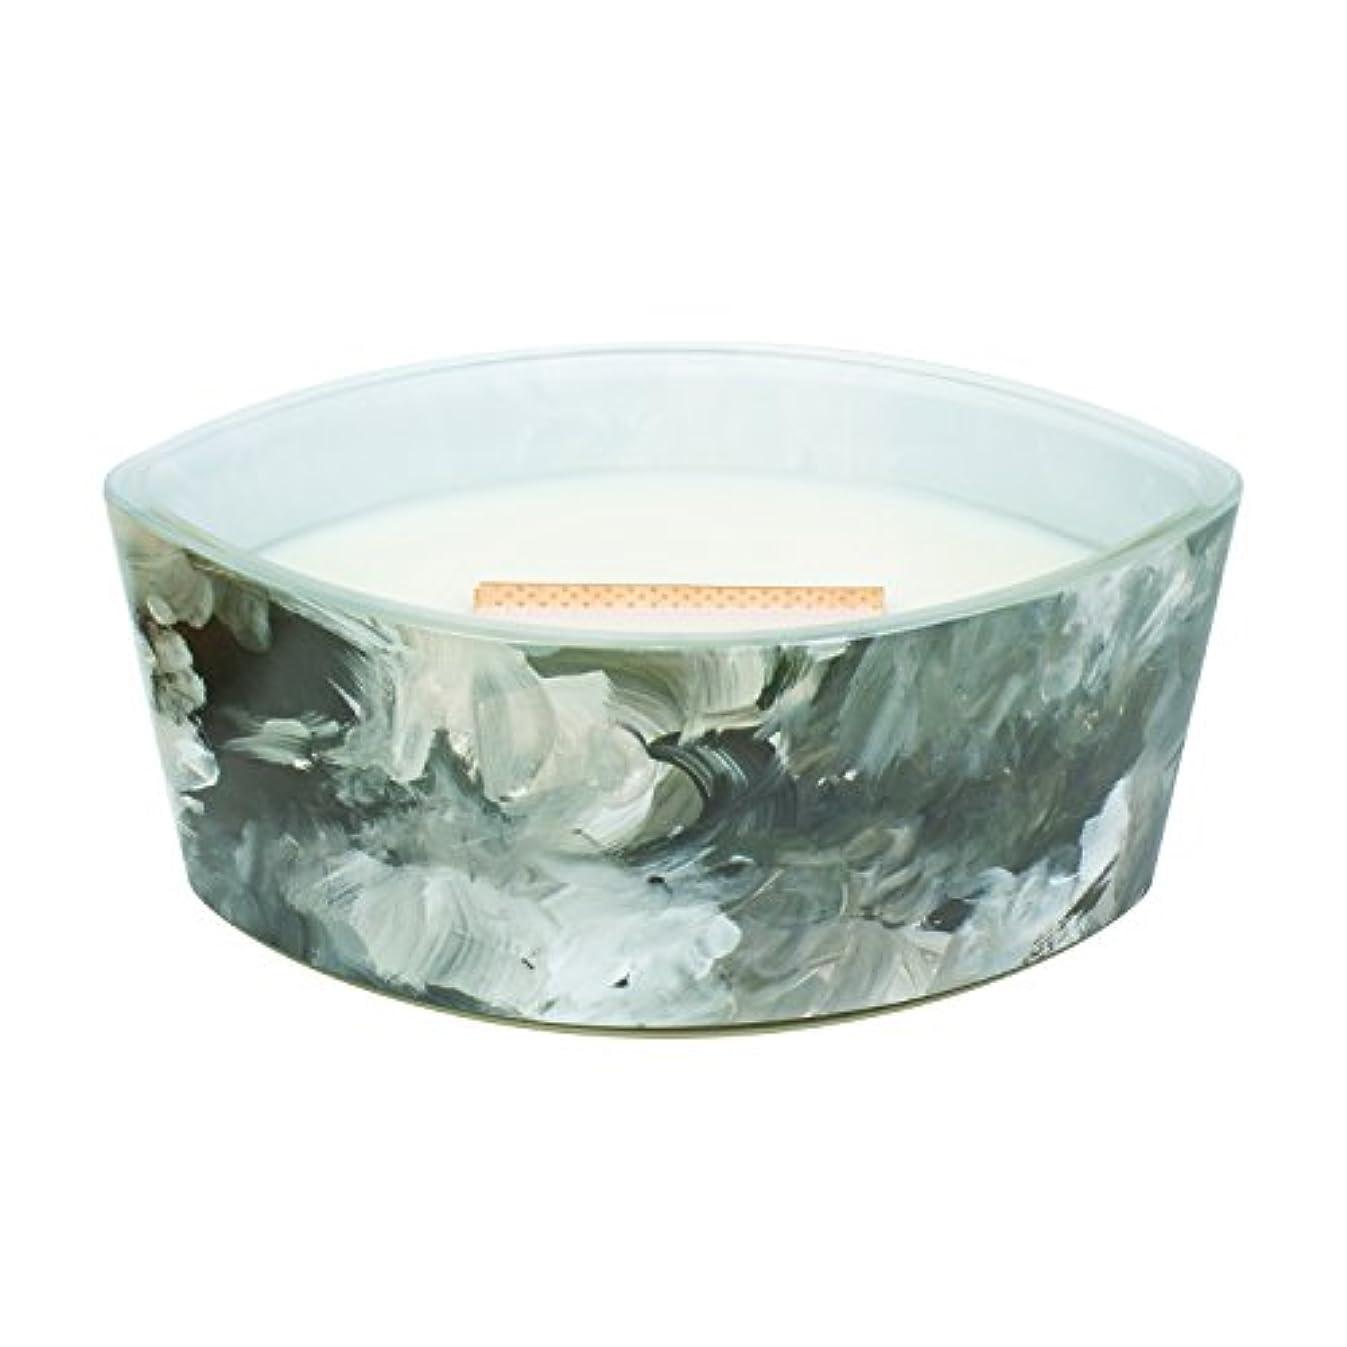 凶暴な照らす確かにブラックオレンジCitrus – アーティザンコレクション楕円WoodWick香りつきJar Candle